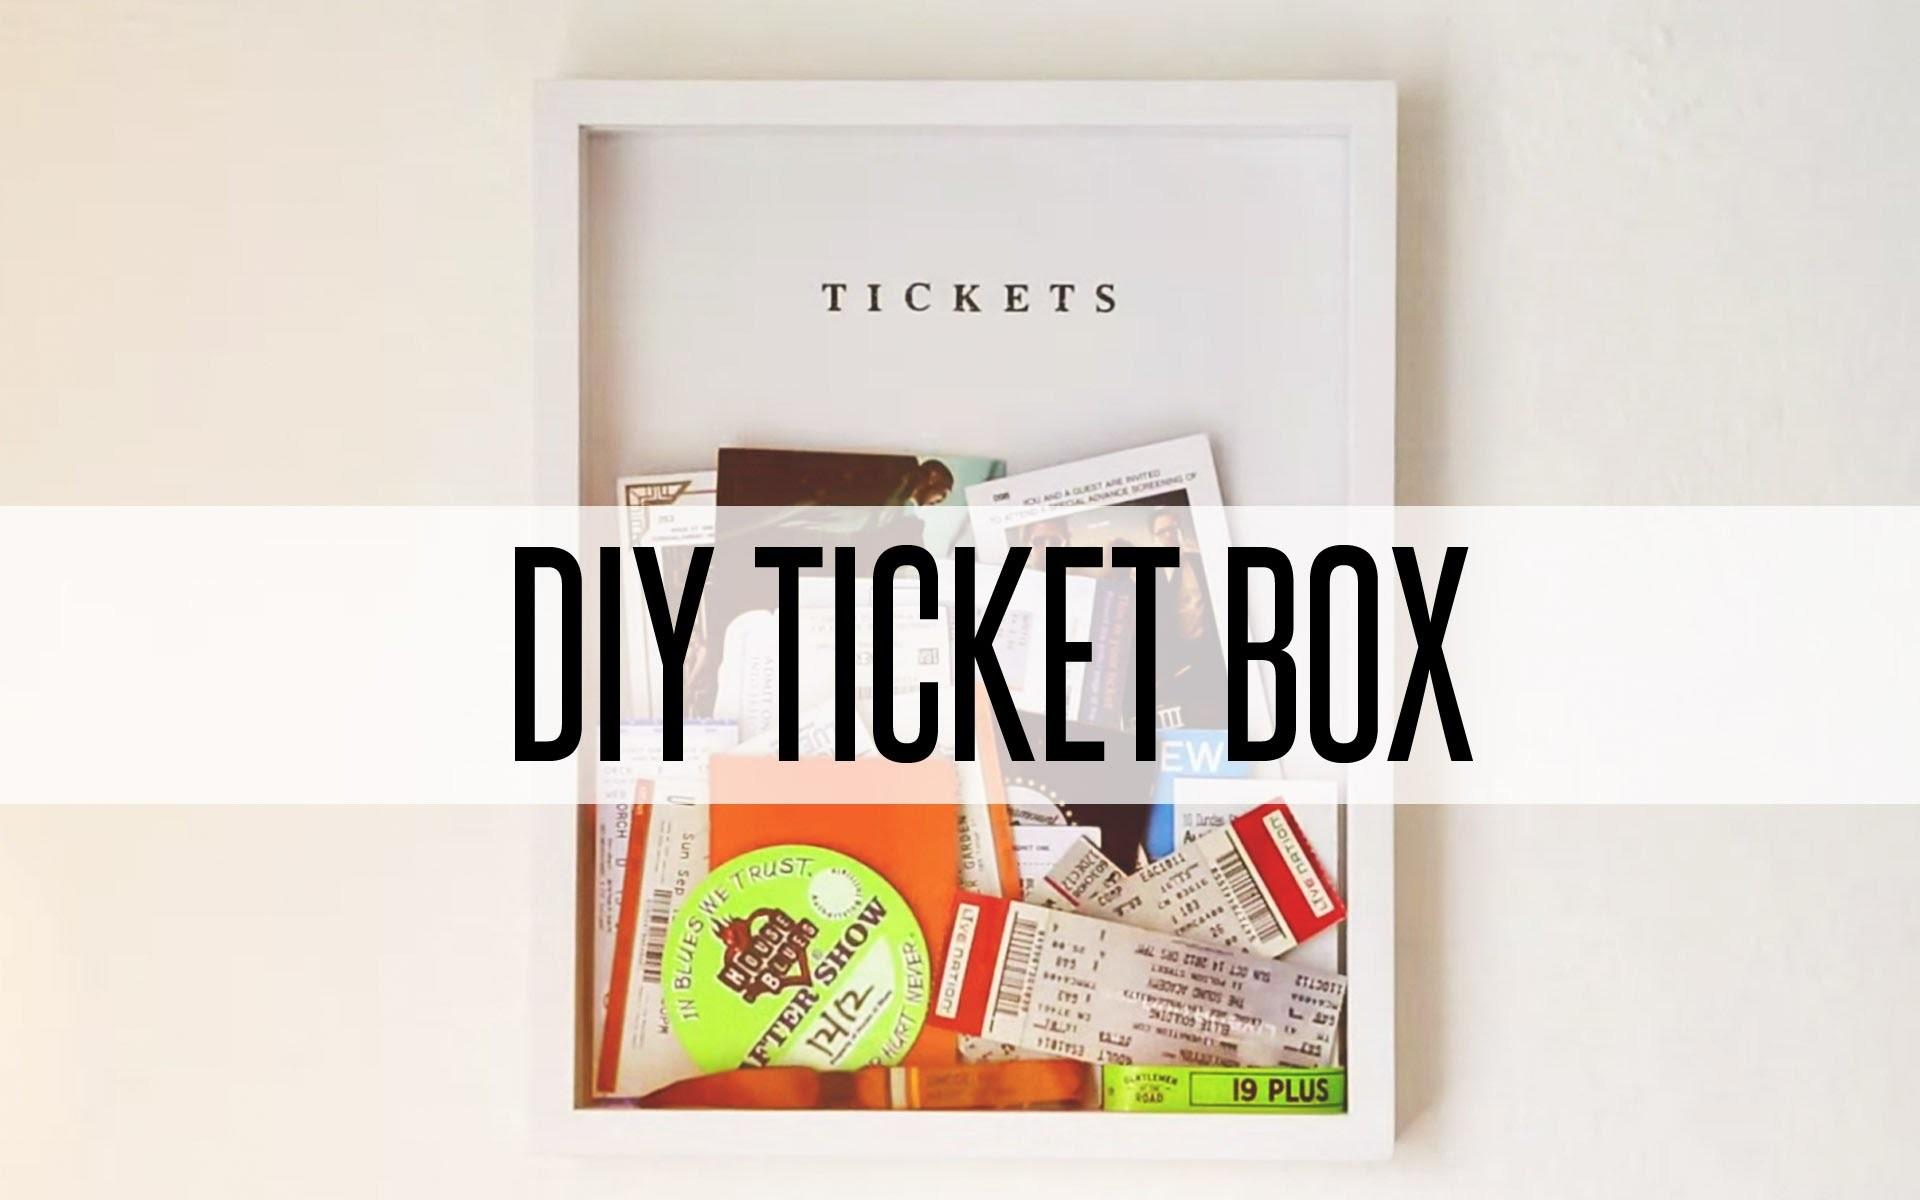 DIY TICKET BOX